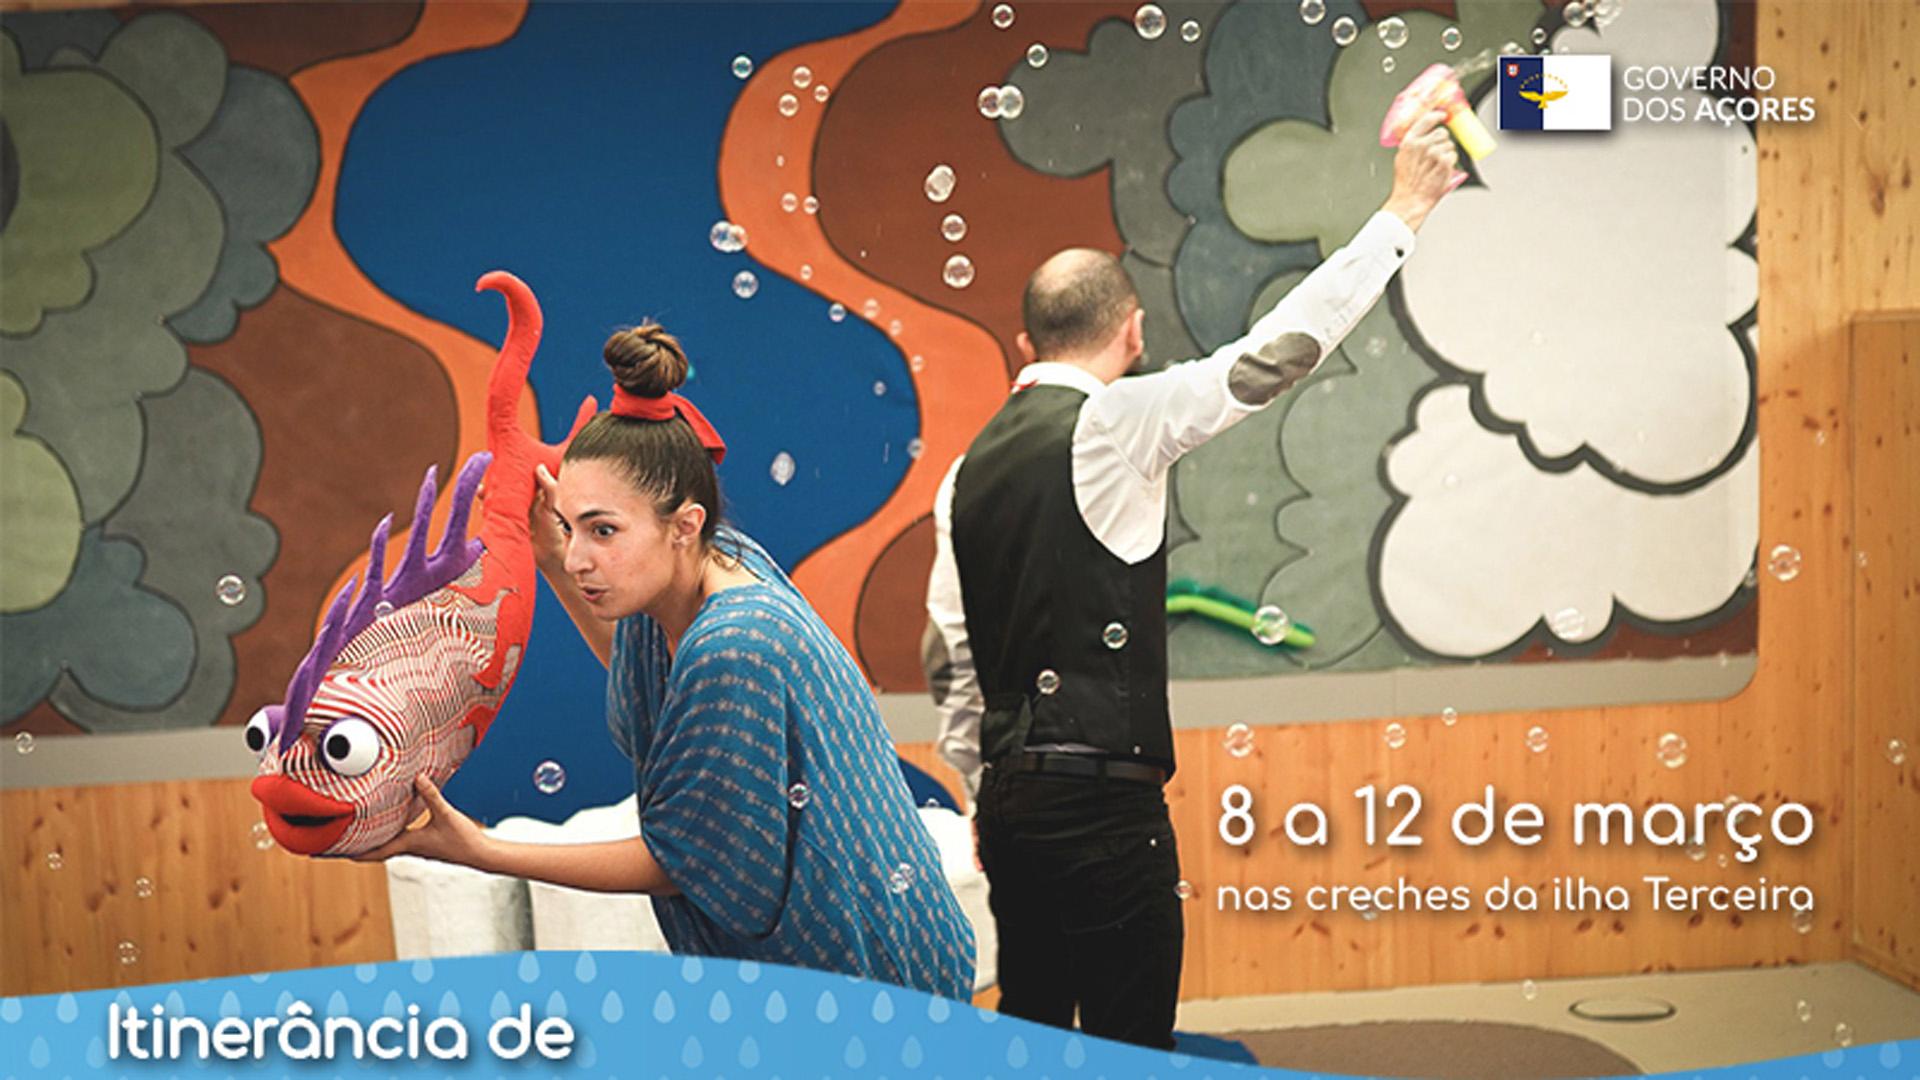 Projeto de teatro, entre os dias 8 e 12 de março, para crianças dos 12 aos 36 meses.